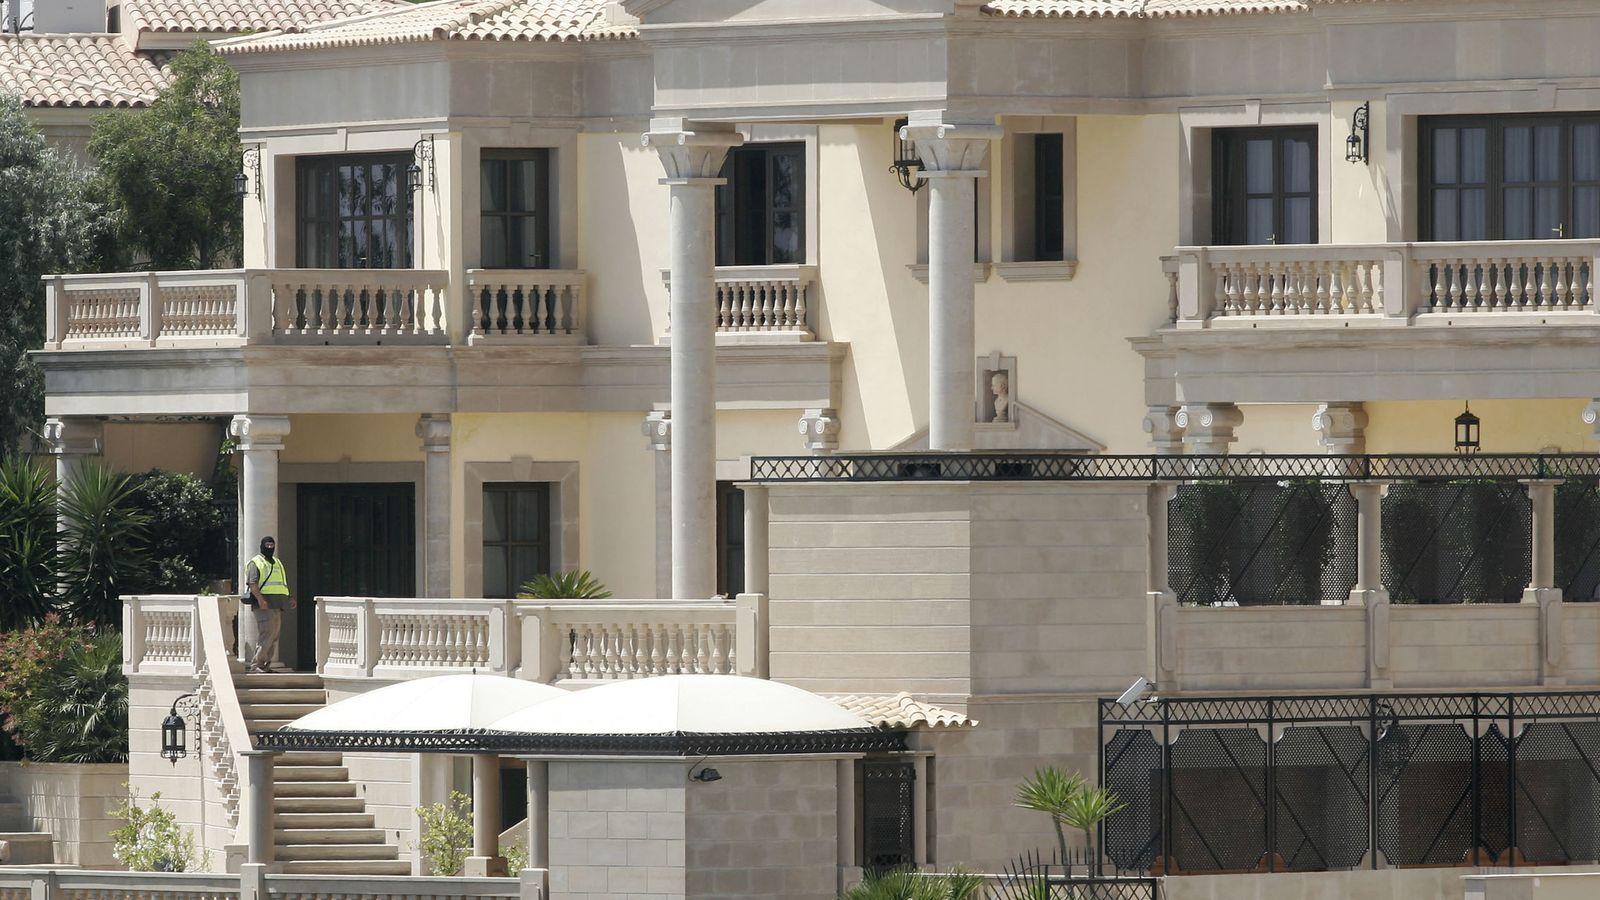 Foto: Residencia confiscada durante una operación contra la mafia rusa en Marbella. (Reuters)